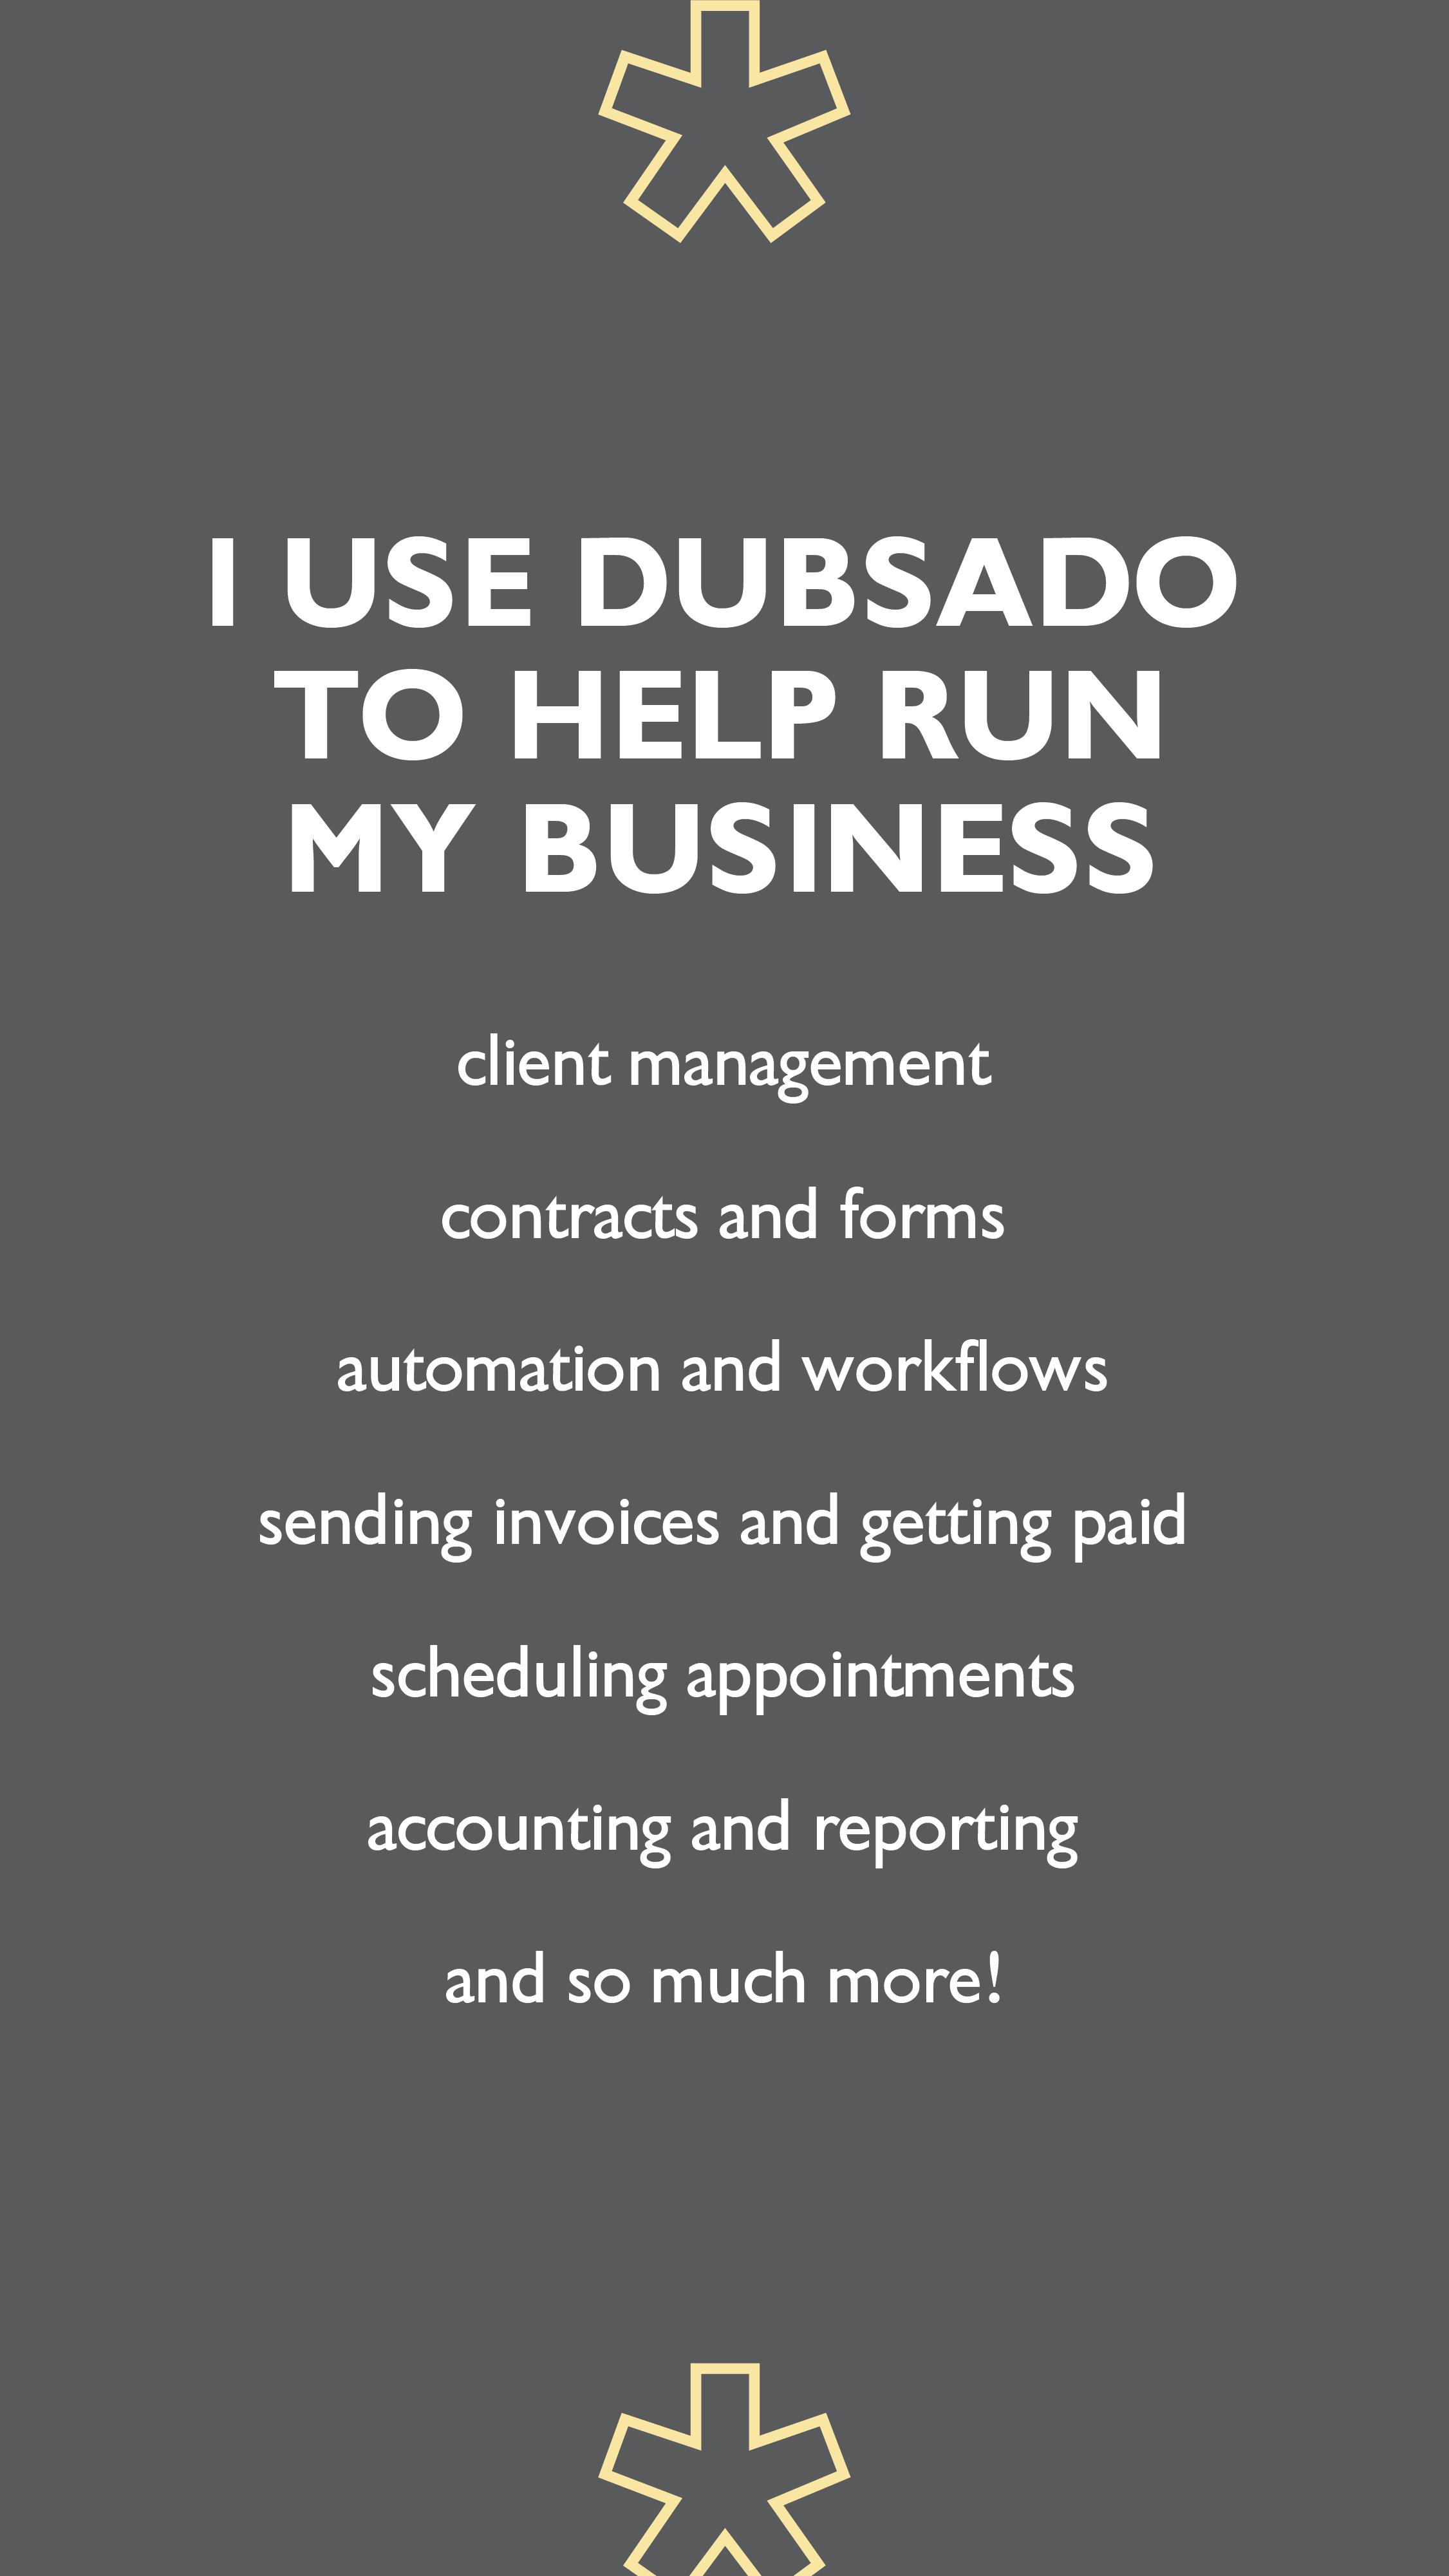 Dubsado a Business Management System